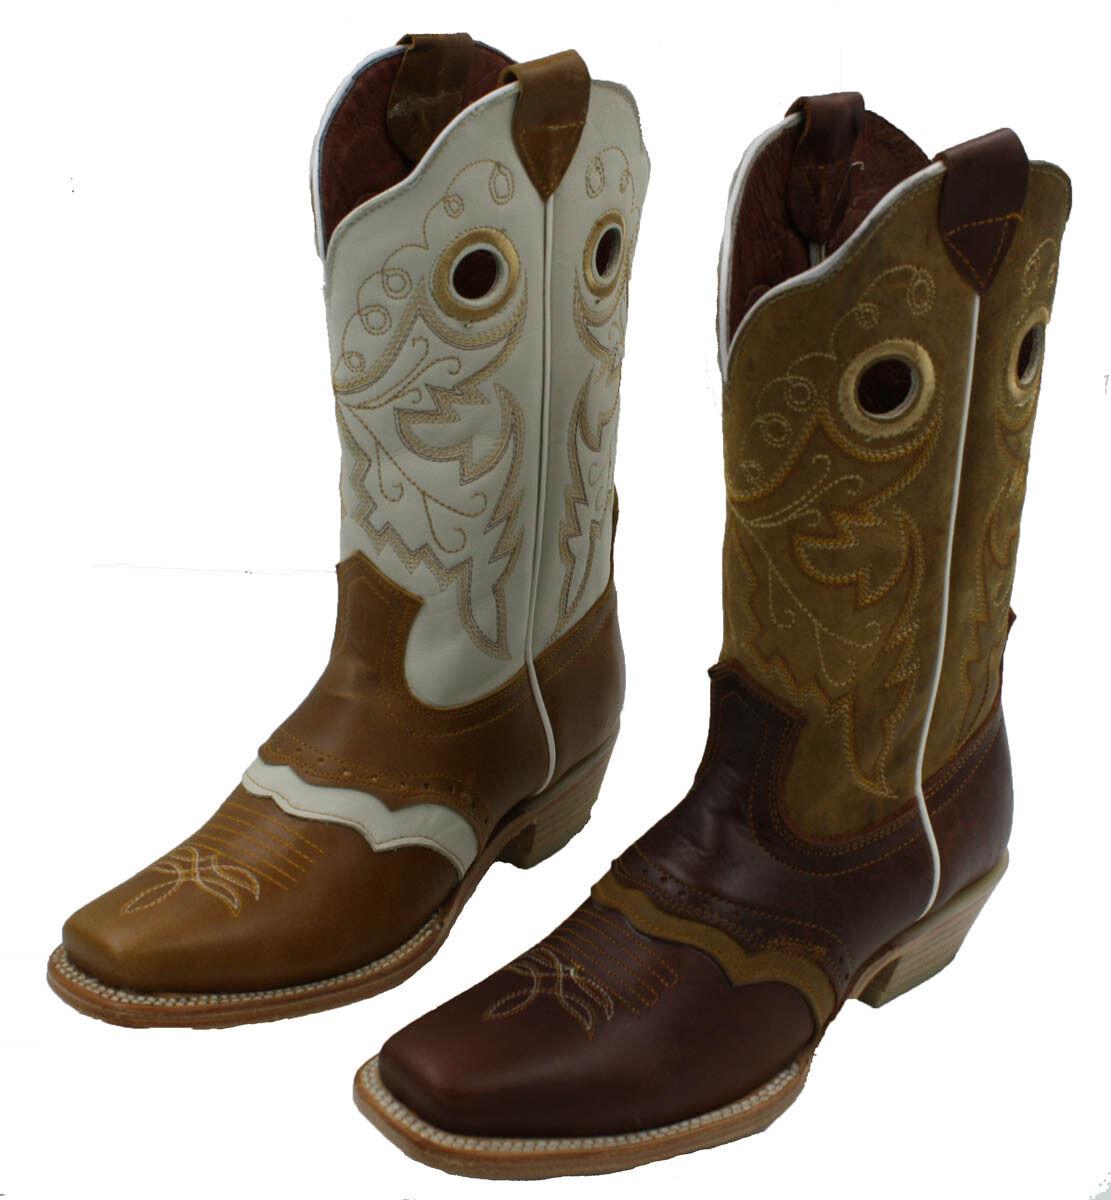 Cowgirl stivali donna Western cowhide autentici stivali di pelle  stile 098  nuovo stile